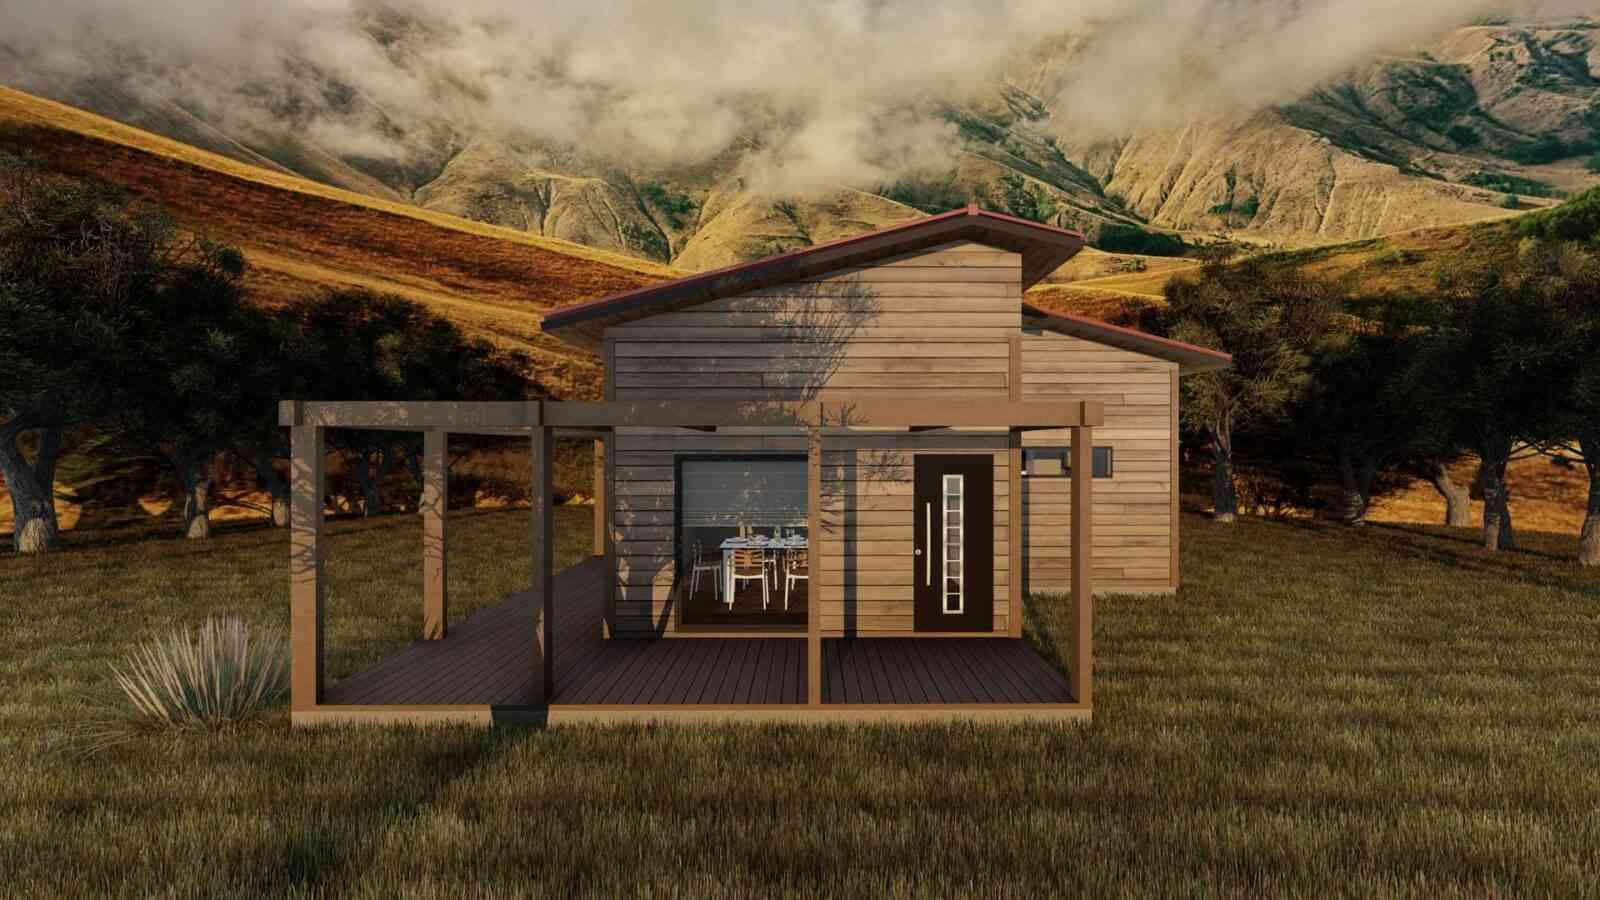 Casa de madeira modelo Modular 127m², em Portugal